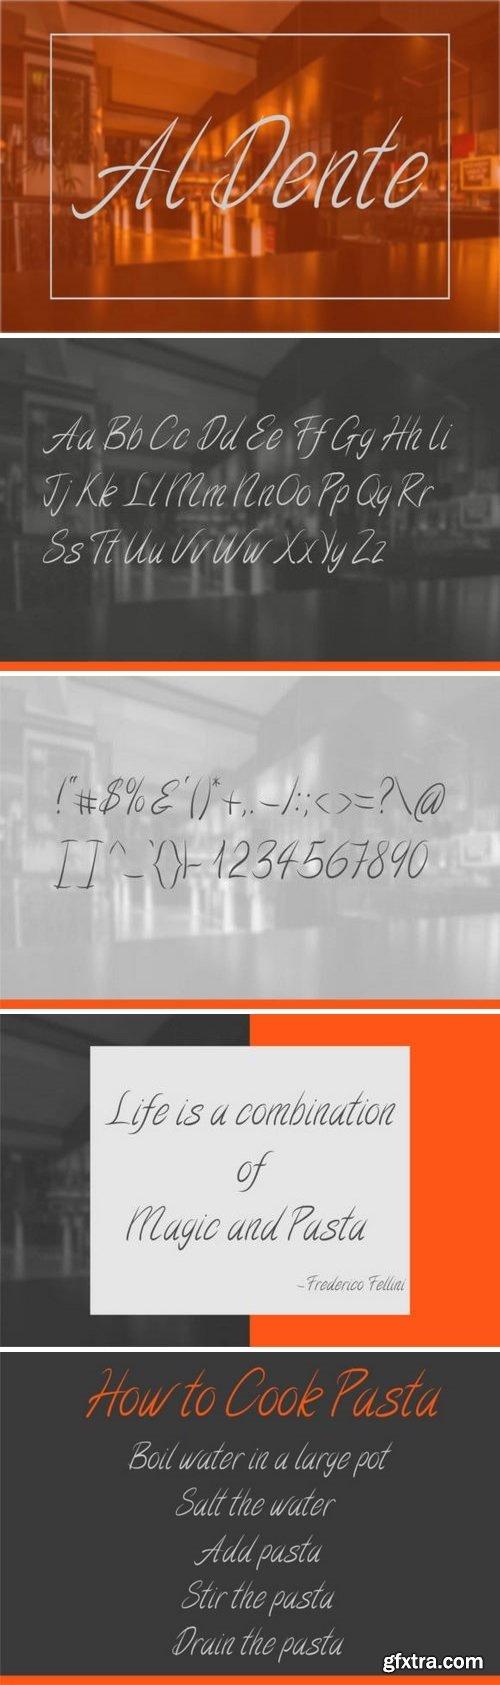 Fontbundles - Al Dente 94549